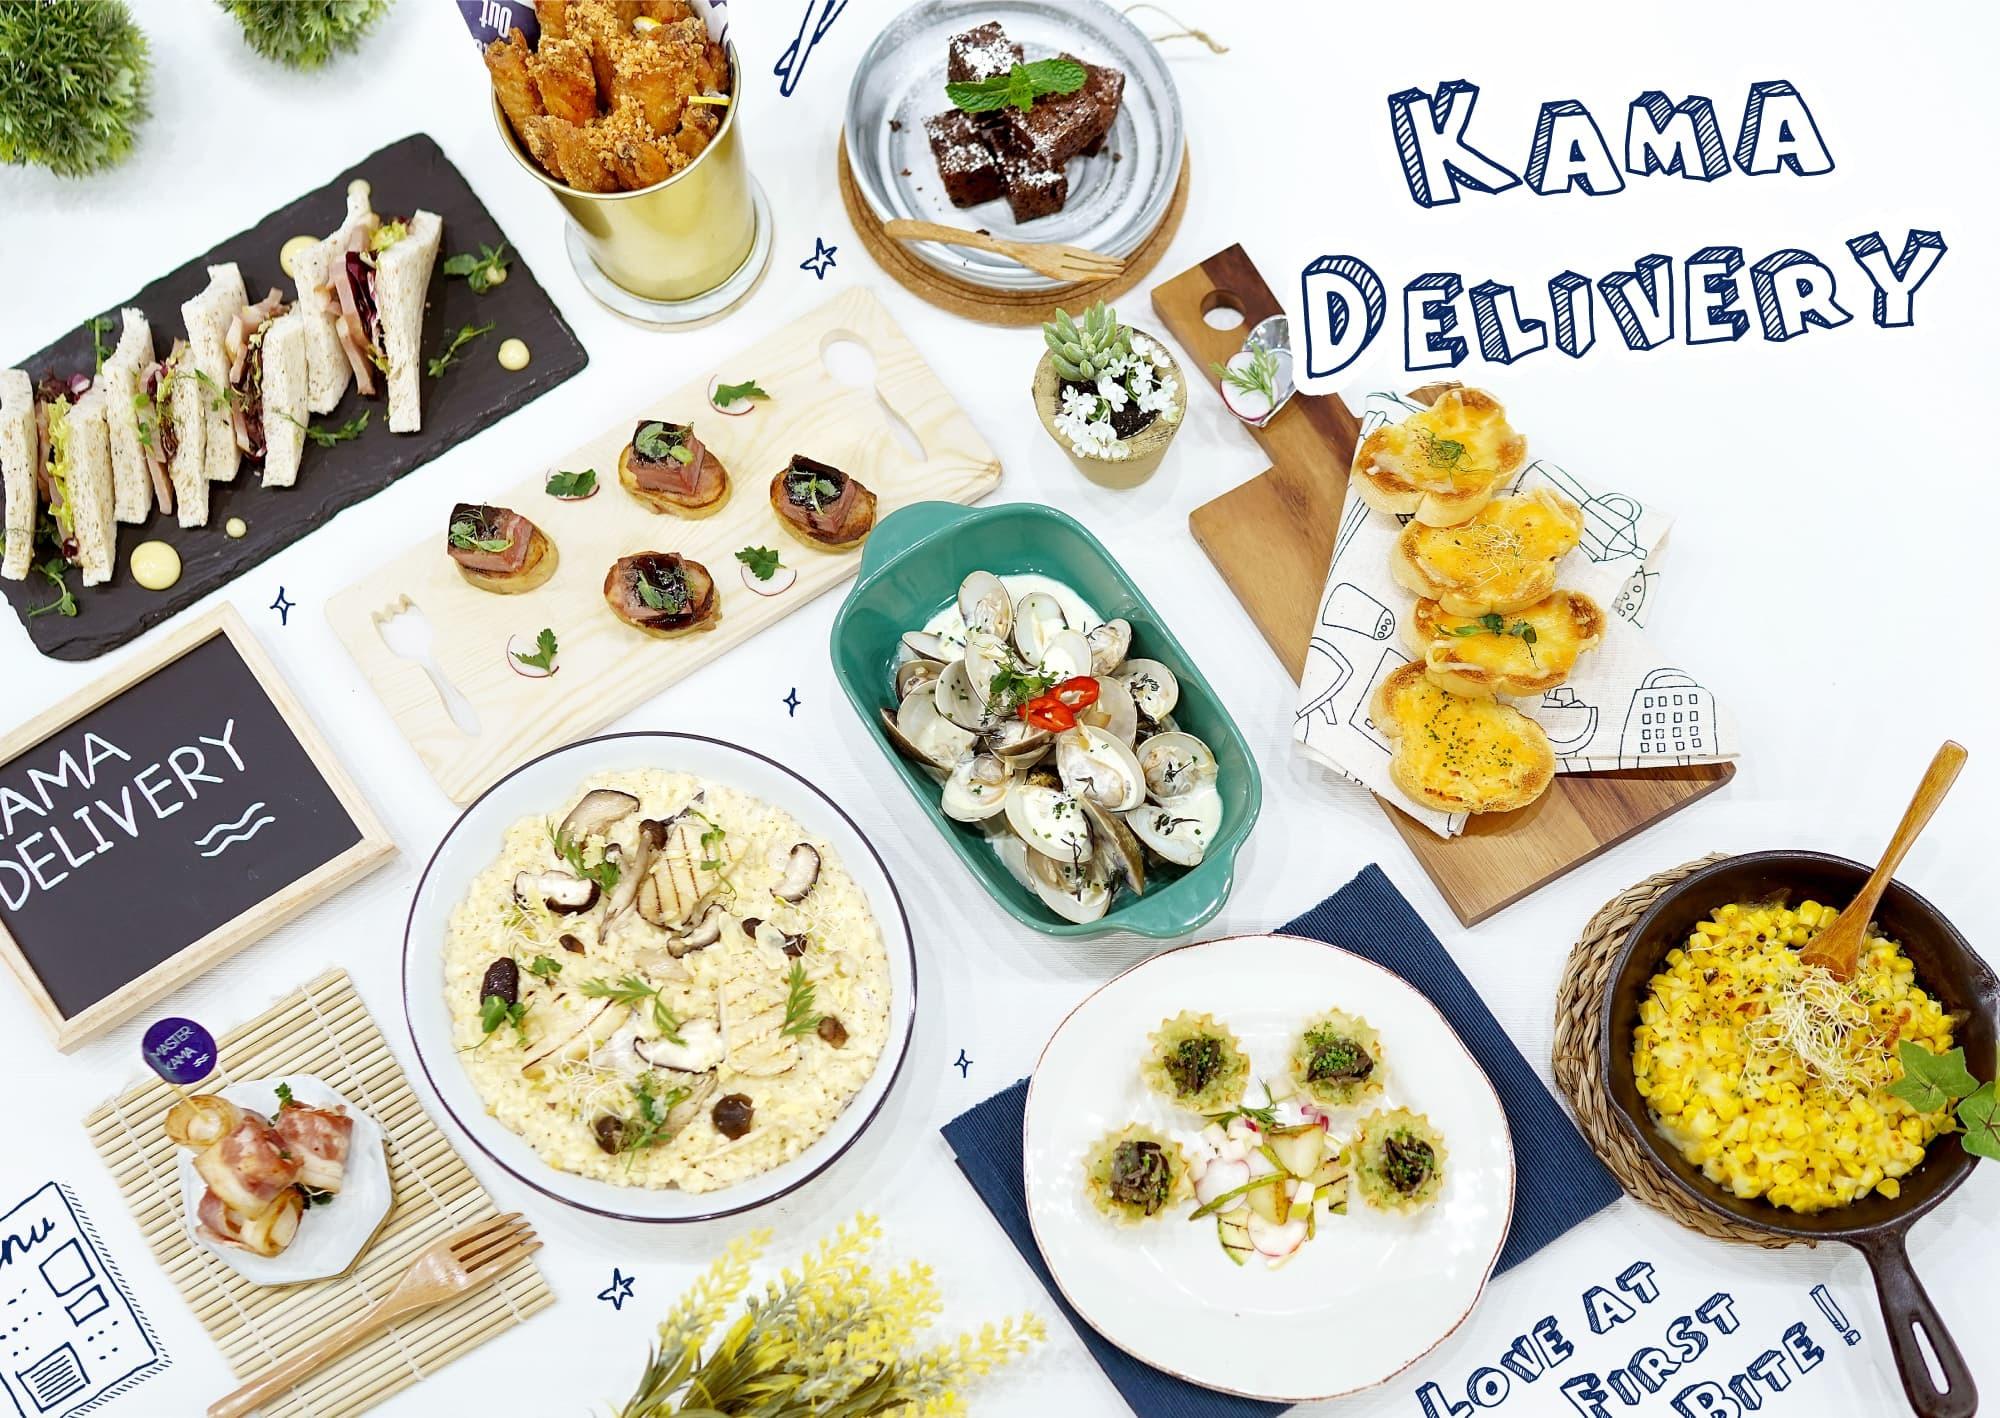 到會53人外賣.推介首選 Kama Delivery除了提供特色平價單點美食外,更打造出多款到會套餐,並承接多人大型到會服務。不論是私人派對或是公司活動,Kama Delivery必定是訂購Party Food的最佳之選!